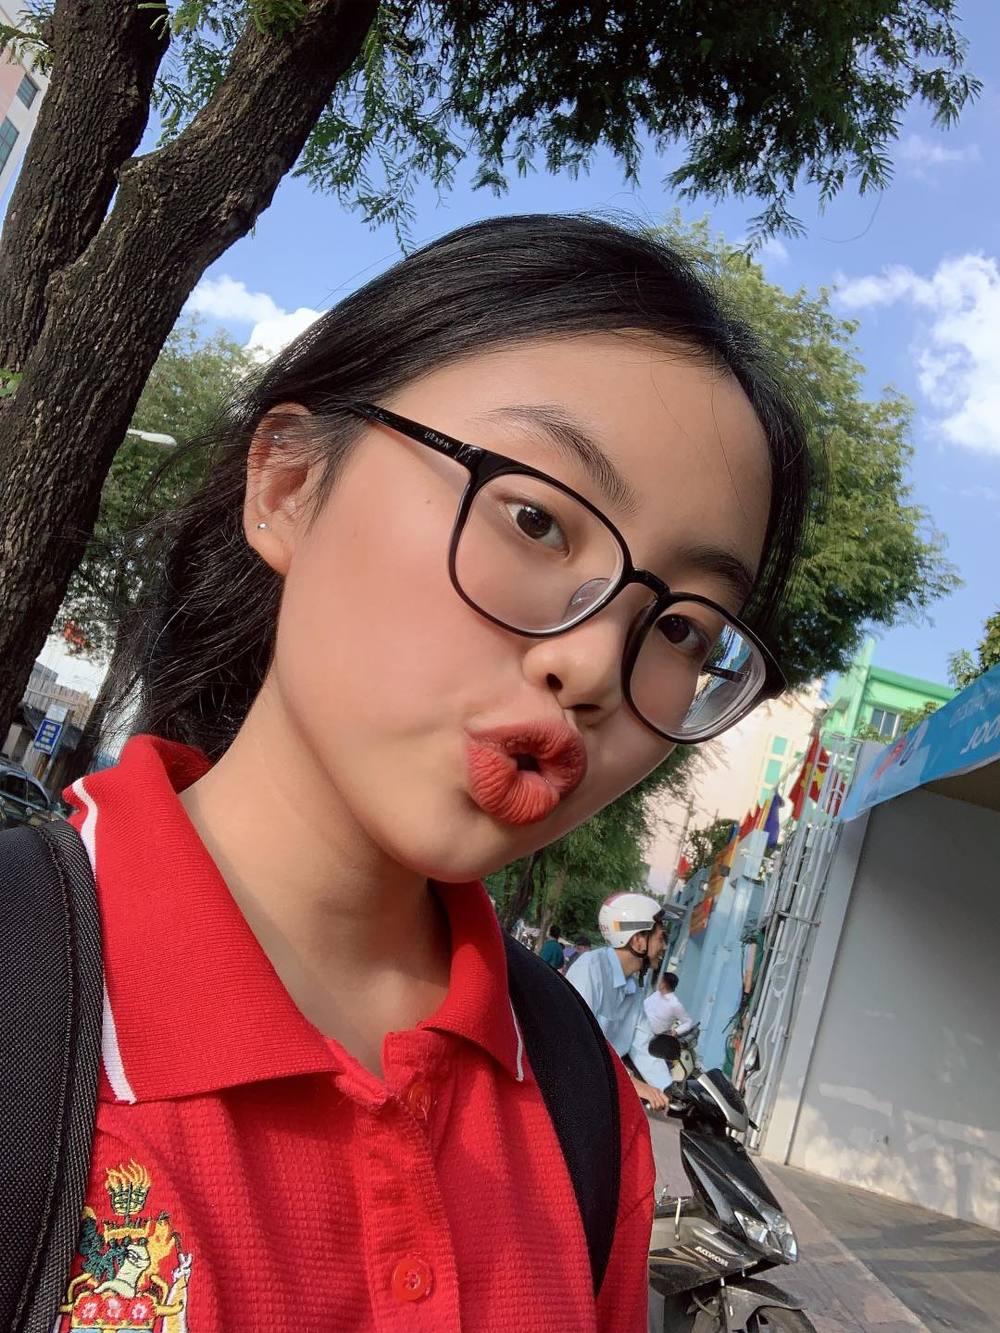 Phương Mỹ Chi vỡ oà khoe điểm thi tốt nghiệp THPT, Hồ Văn Cường có kết quả ra sao? - 1